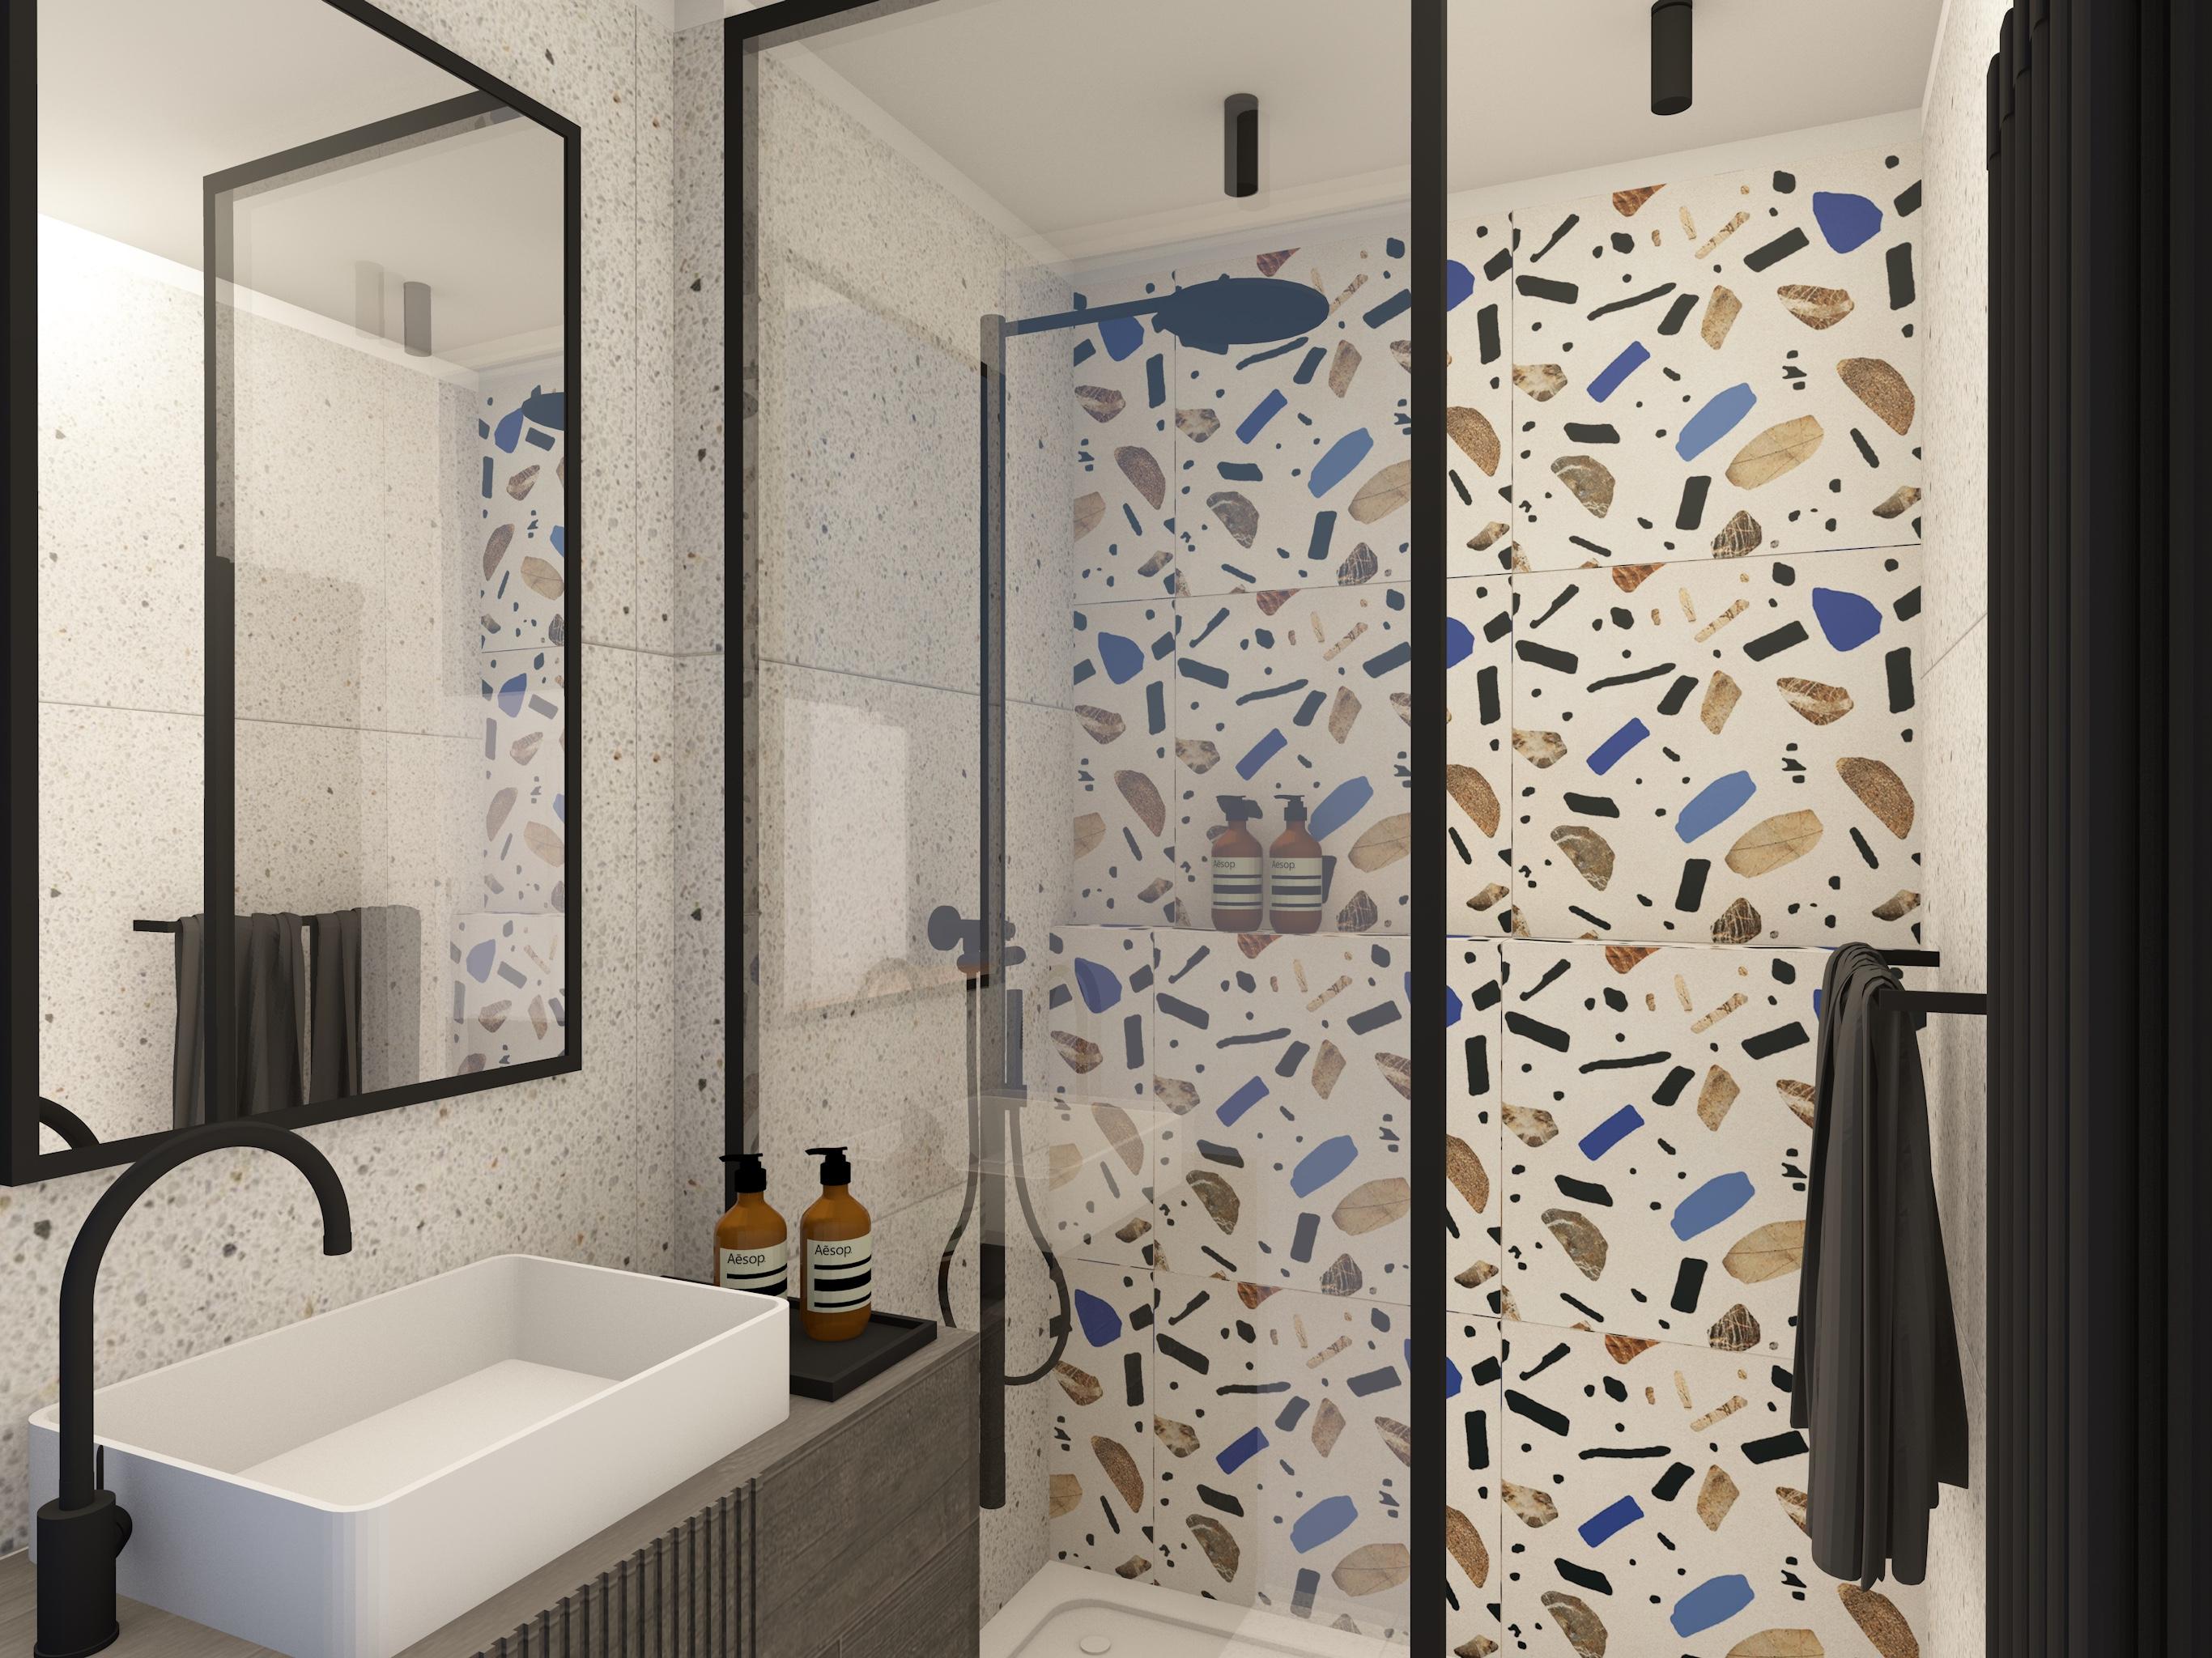 Projekt małej łazienki z kabiną prysznicową i płytkami w stylu lastryko